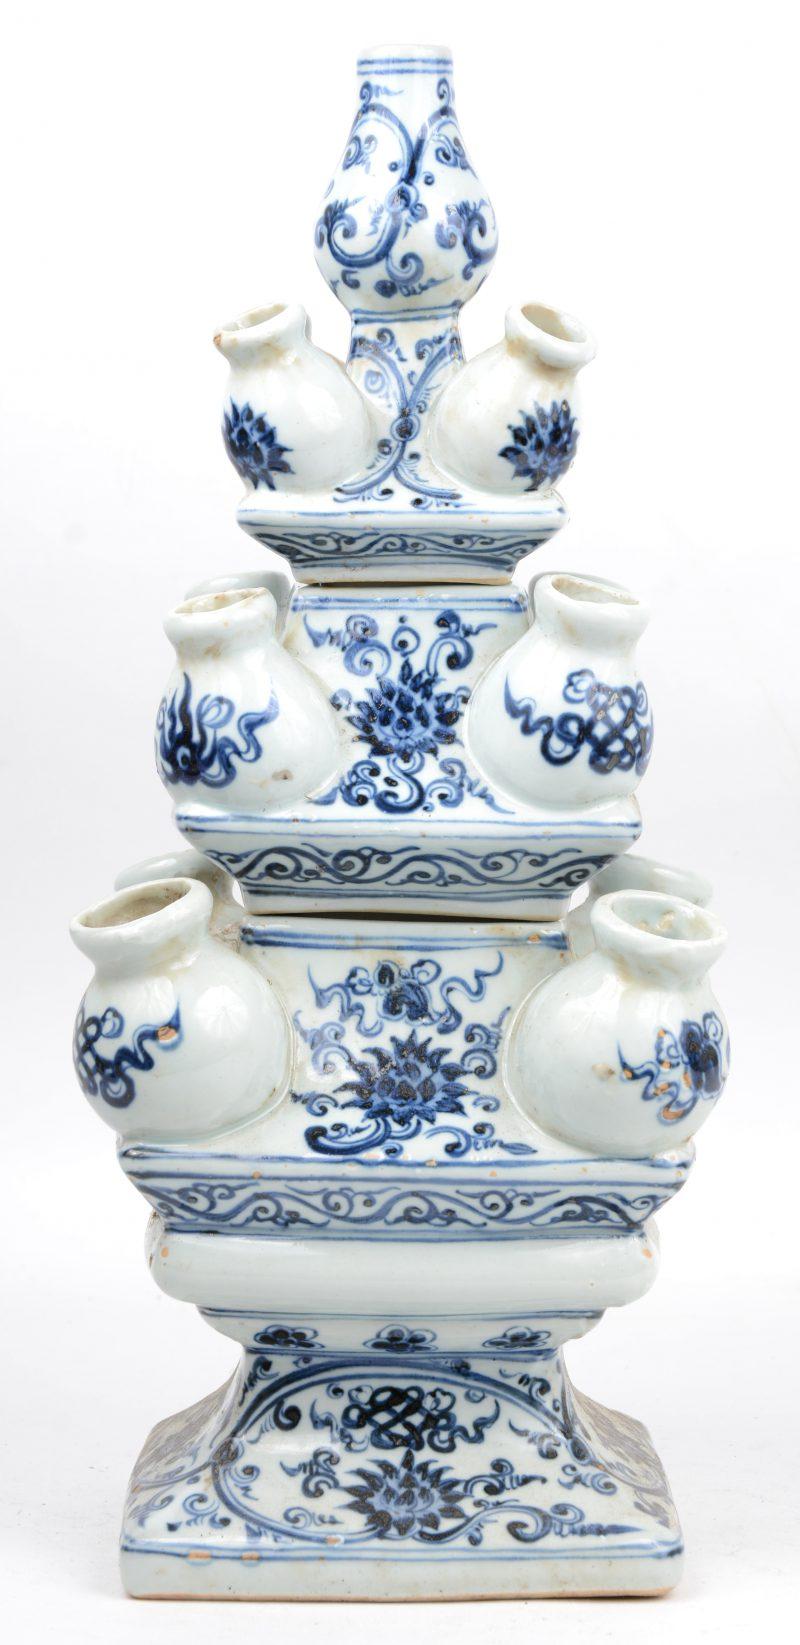 Een uit drie delen opgebouwde tulpenvaas van blauw en wit Chinees porselein naar XVIIe eeuws voorbeeld.